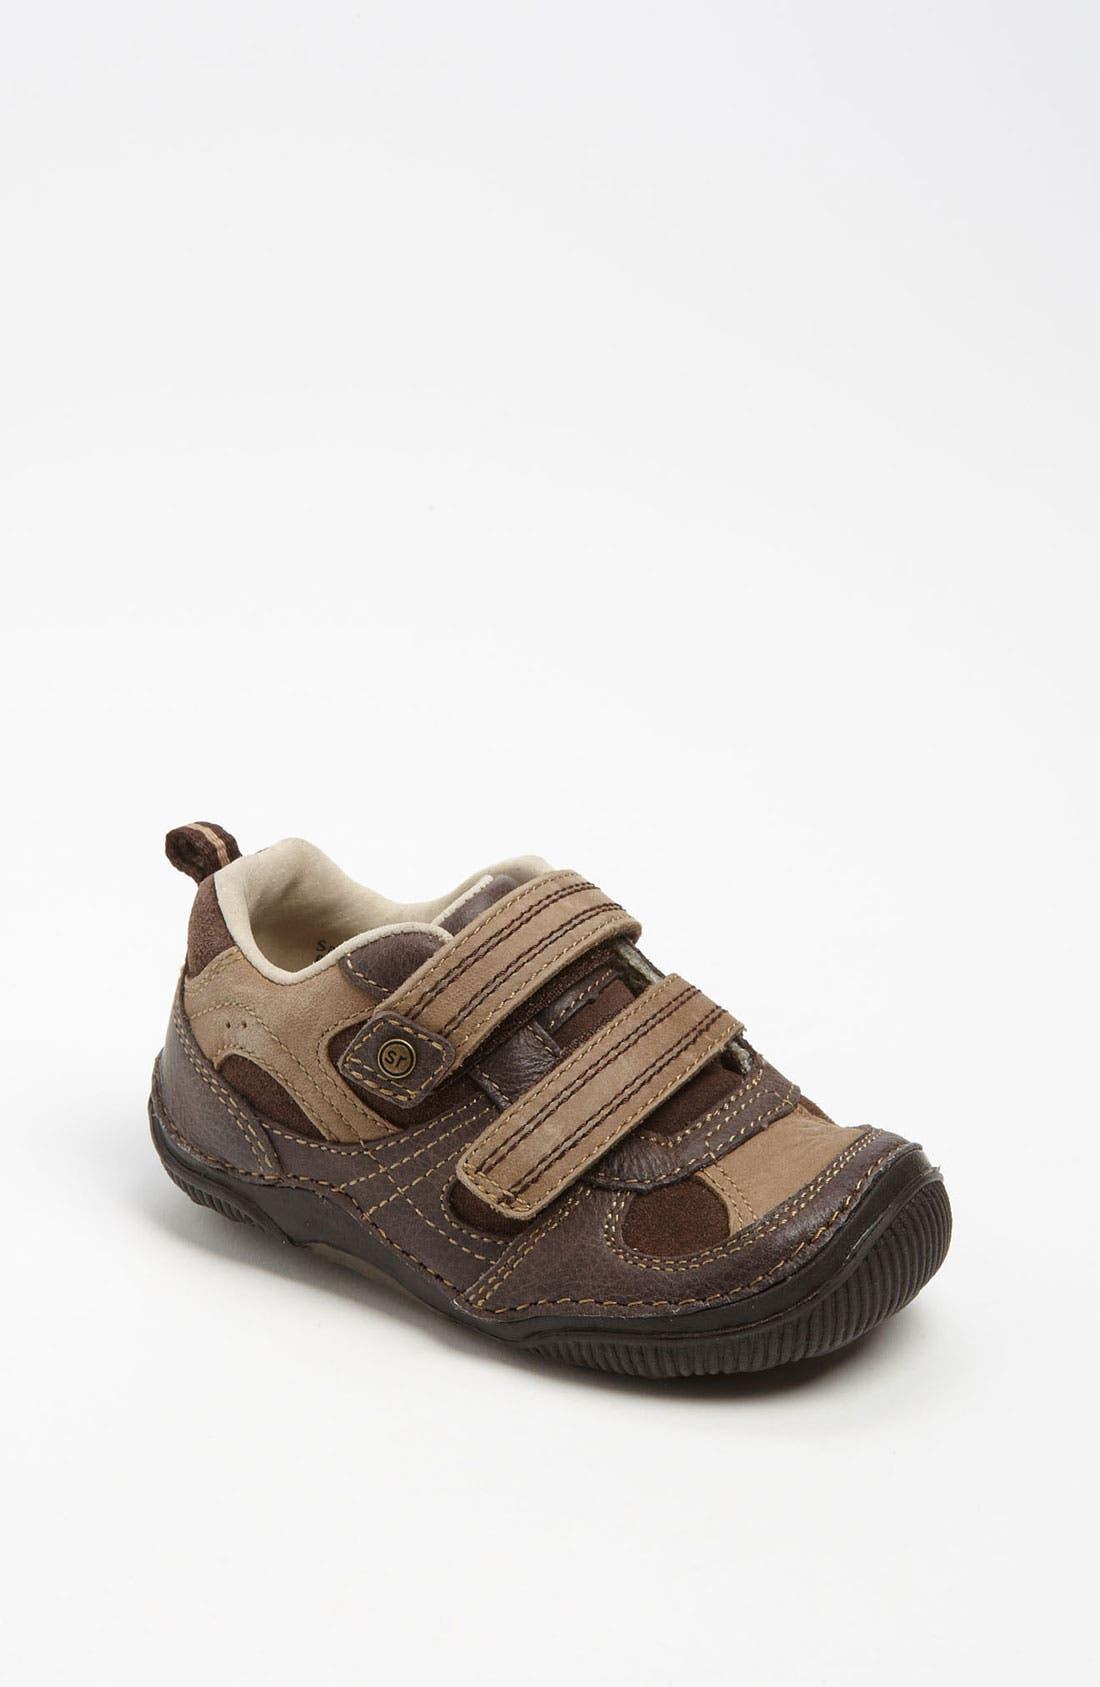 Alternate Image 1 Selected - Stride Rite 'Woody' Sneaker (Baby, Walker & Toddler)